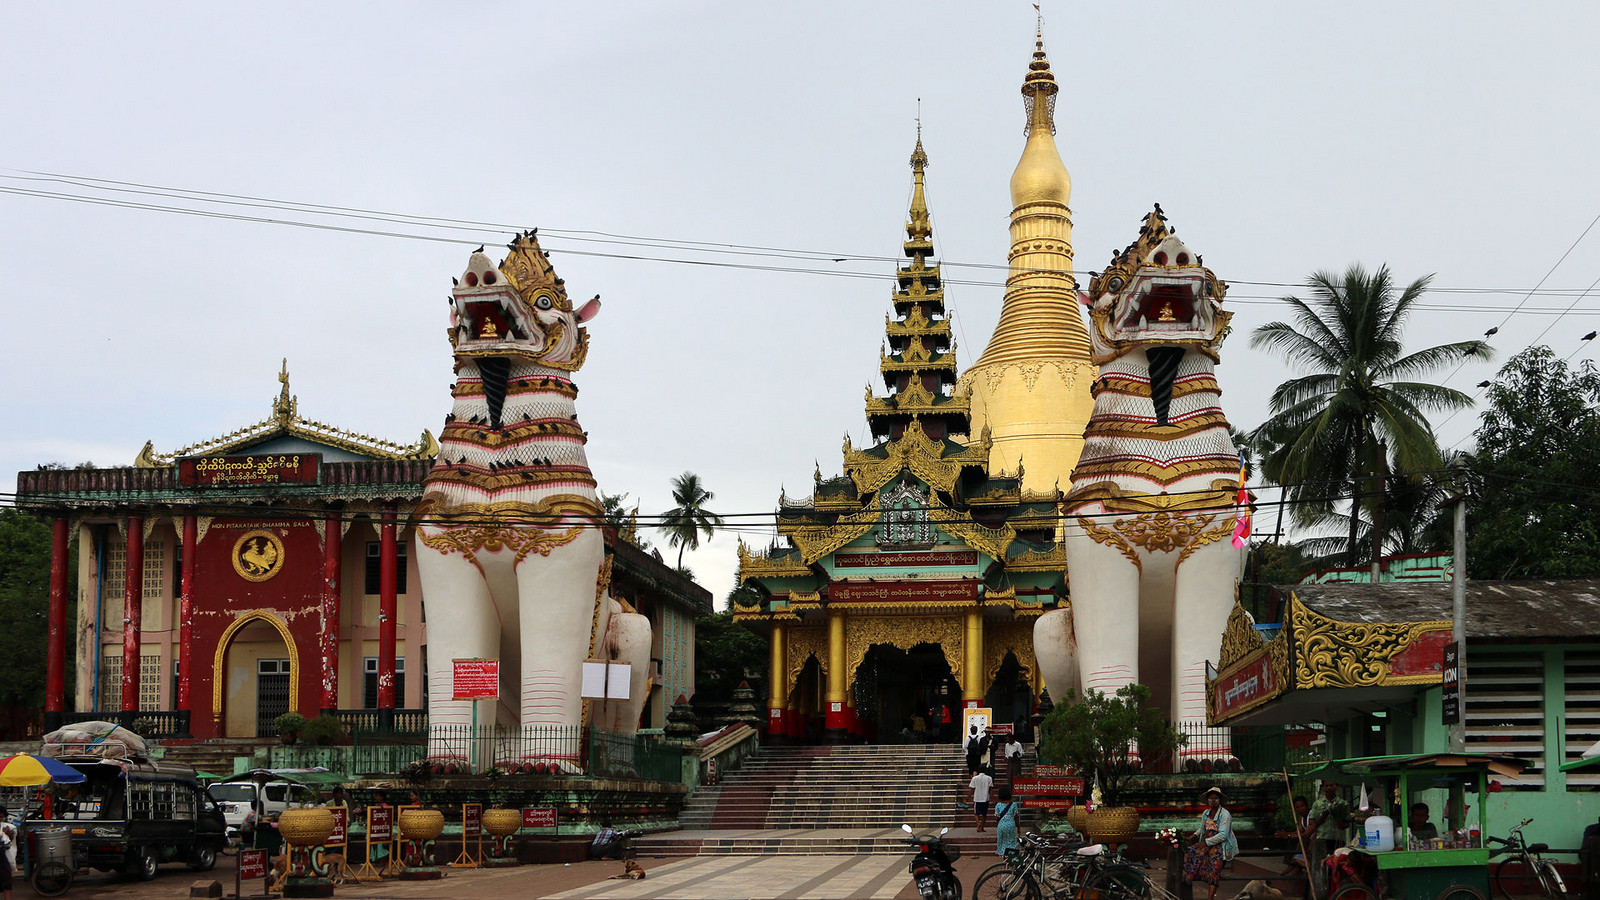 Chiêm ngưỡng ngôi chùa Shwe Maw Daw cao nhất Myanmar - ảnh 9